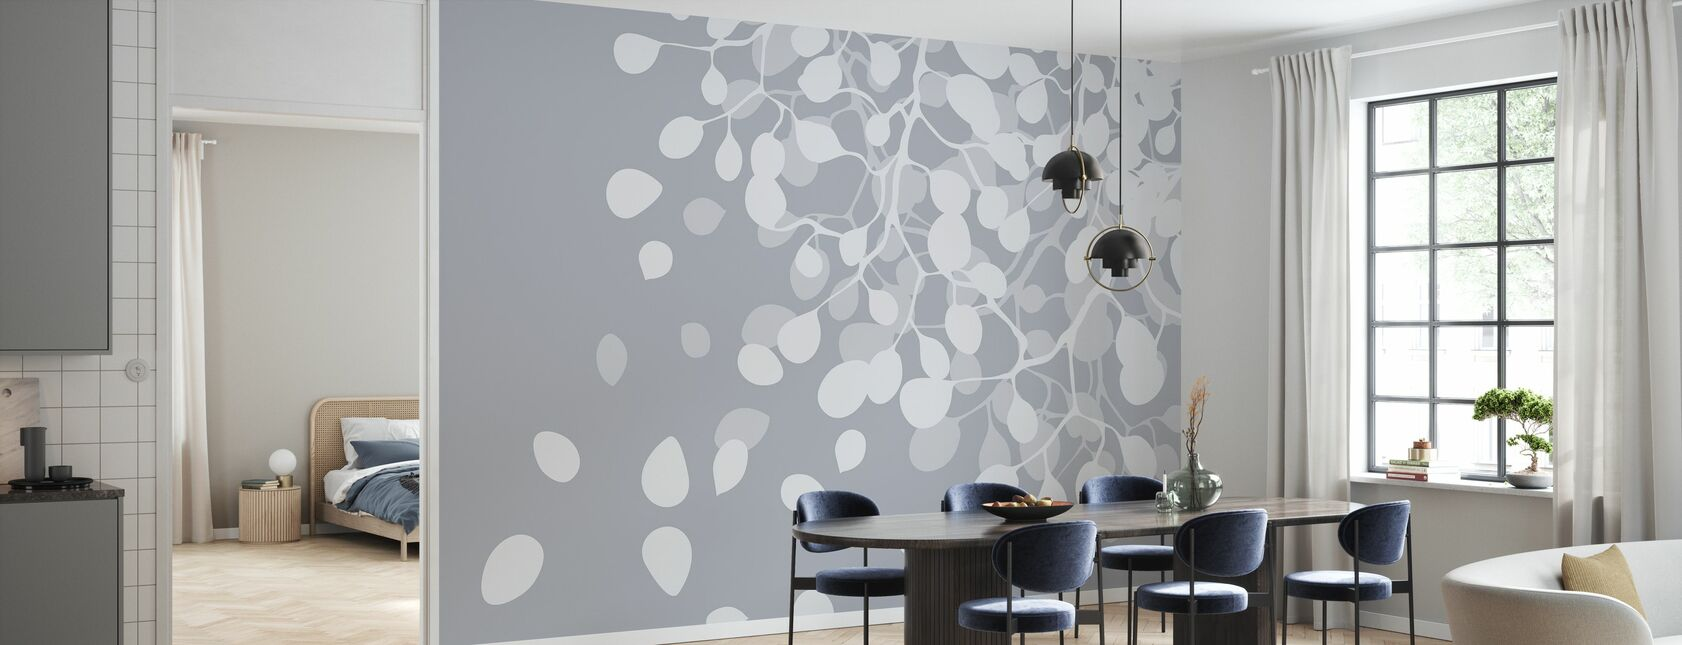 Birch Asphalt - Wallpaper - Kitchen